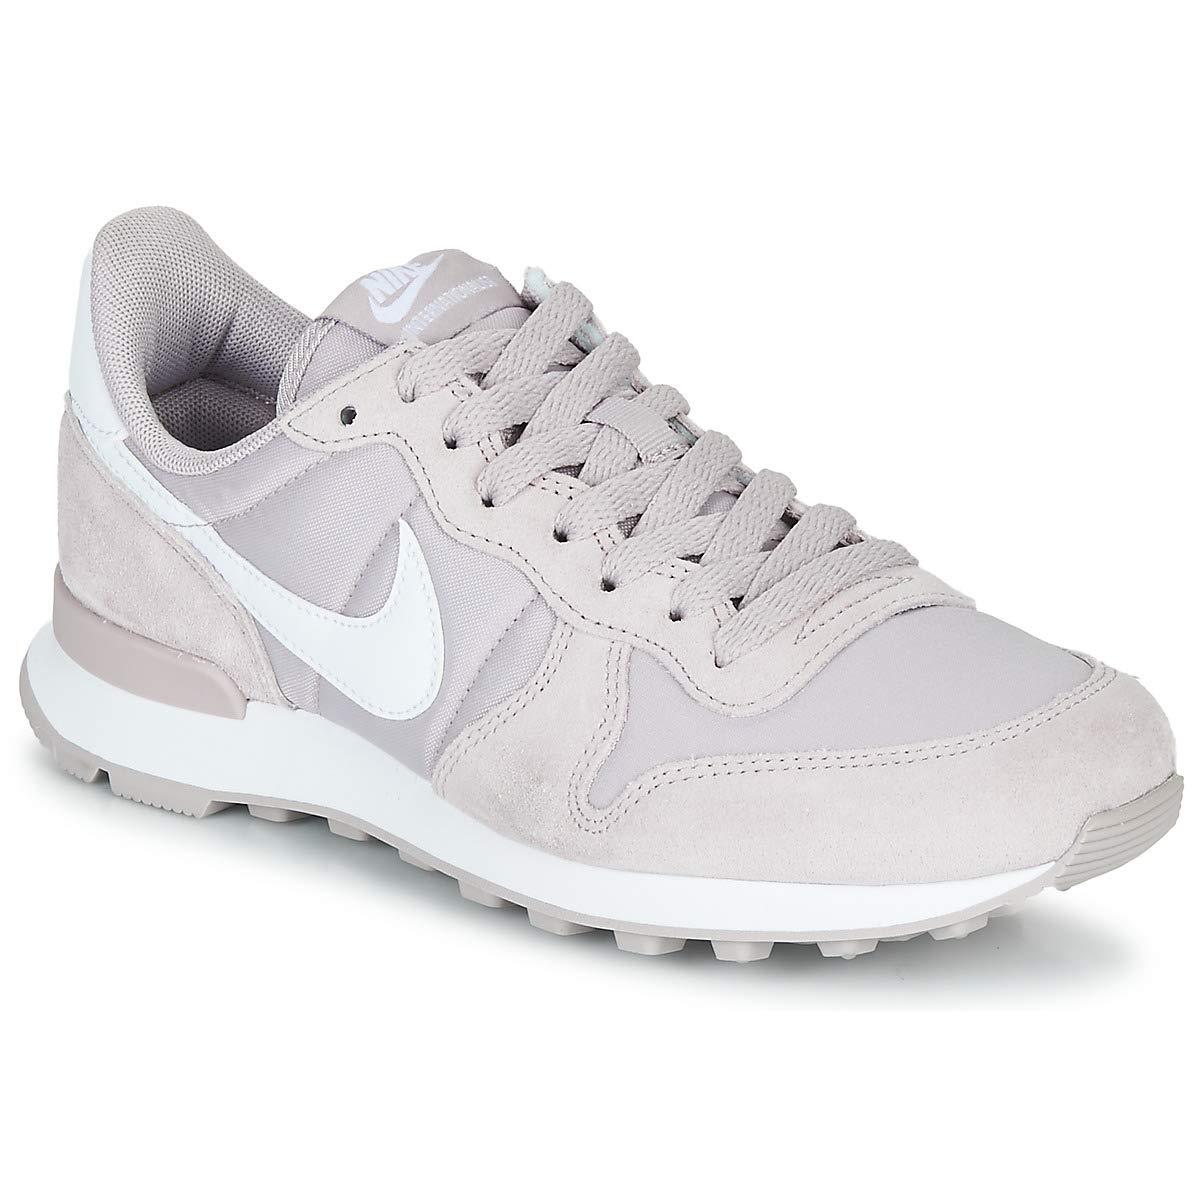 MultiCouleure (Violet Ash blanc 000) 37.5 EU Nike WMNS Internationalist, Chaussures d'Athlétisme Femme